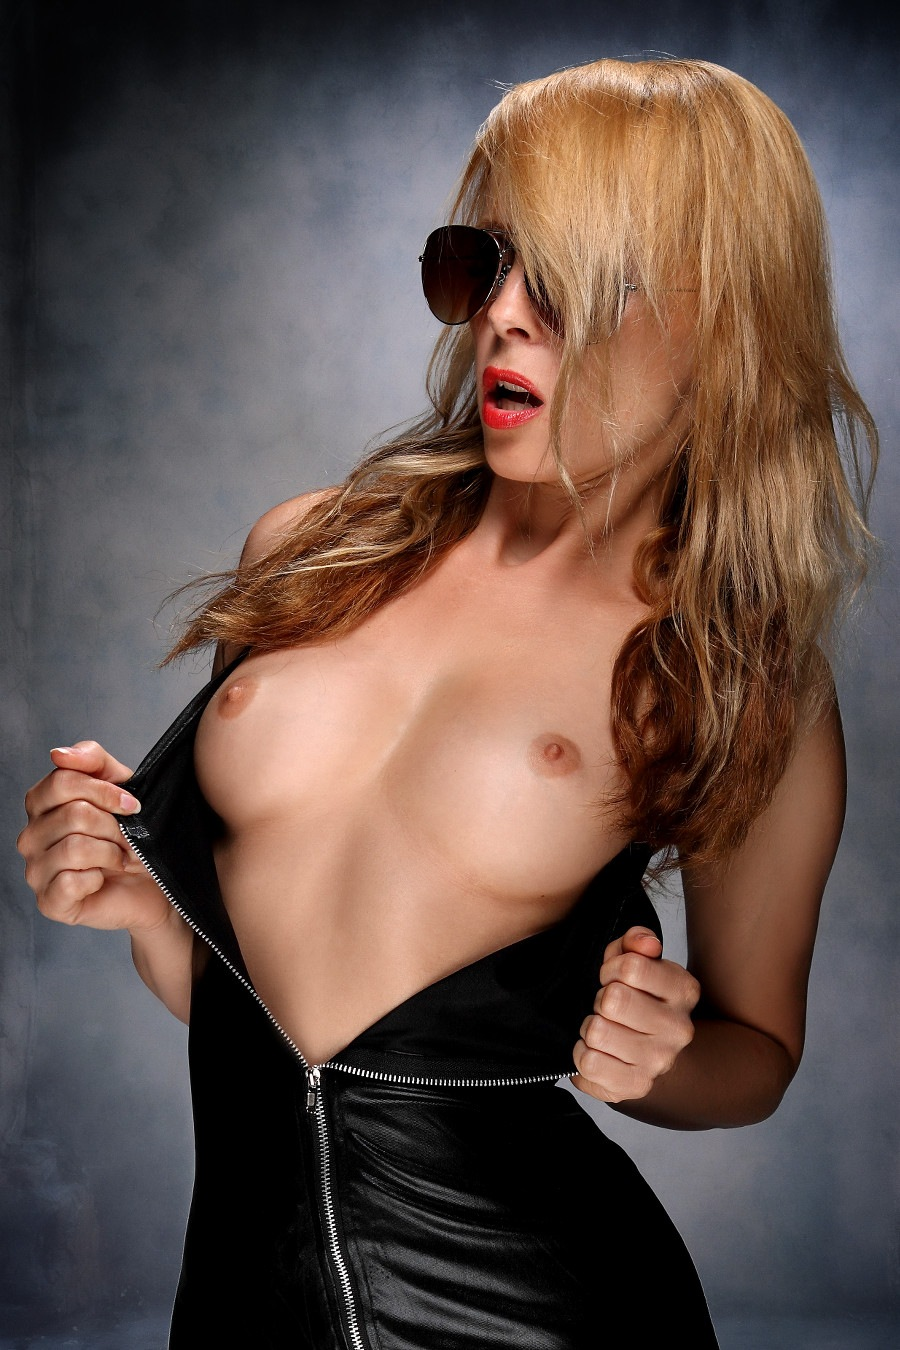 Sexy black skirt IV by GuWu